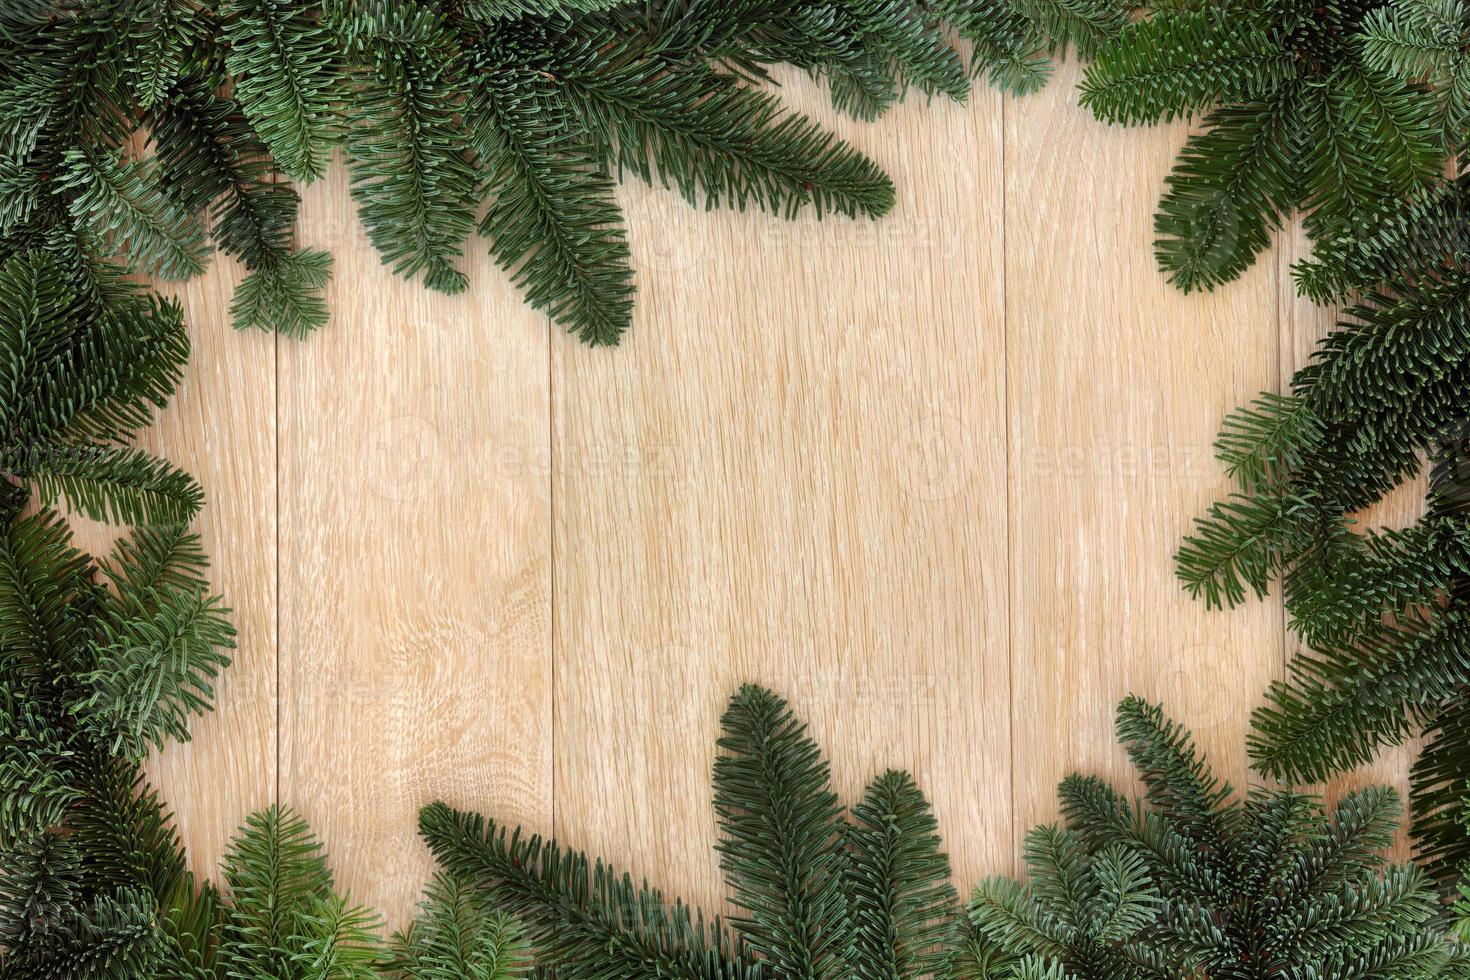 bordure de verdure d'hiver photo